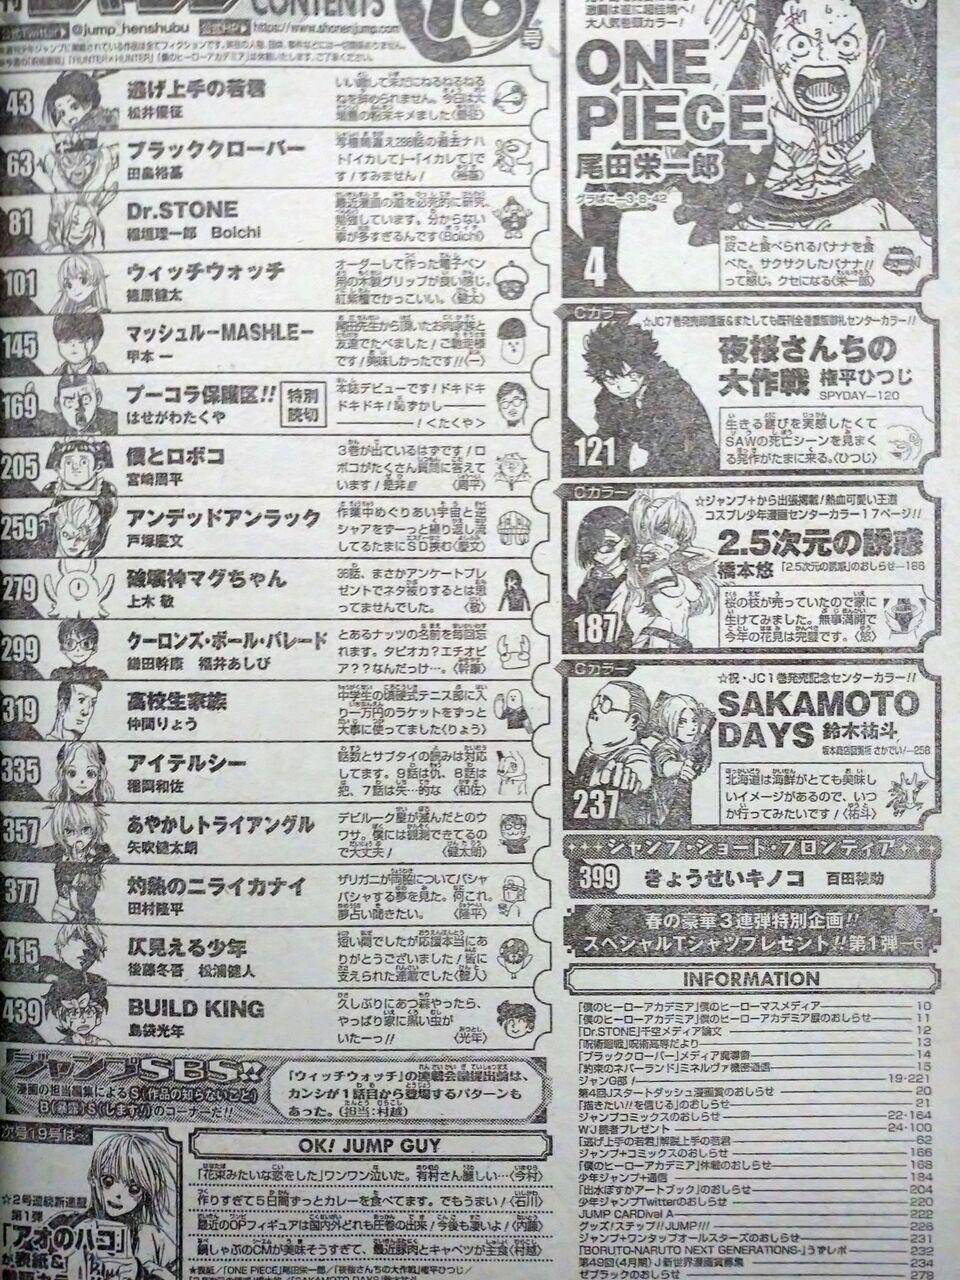 【悲報】ヒロアカと呪術廻戦が休載 週刊少年ジャンプさん、ガチで読むもんがない